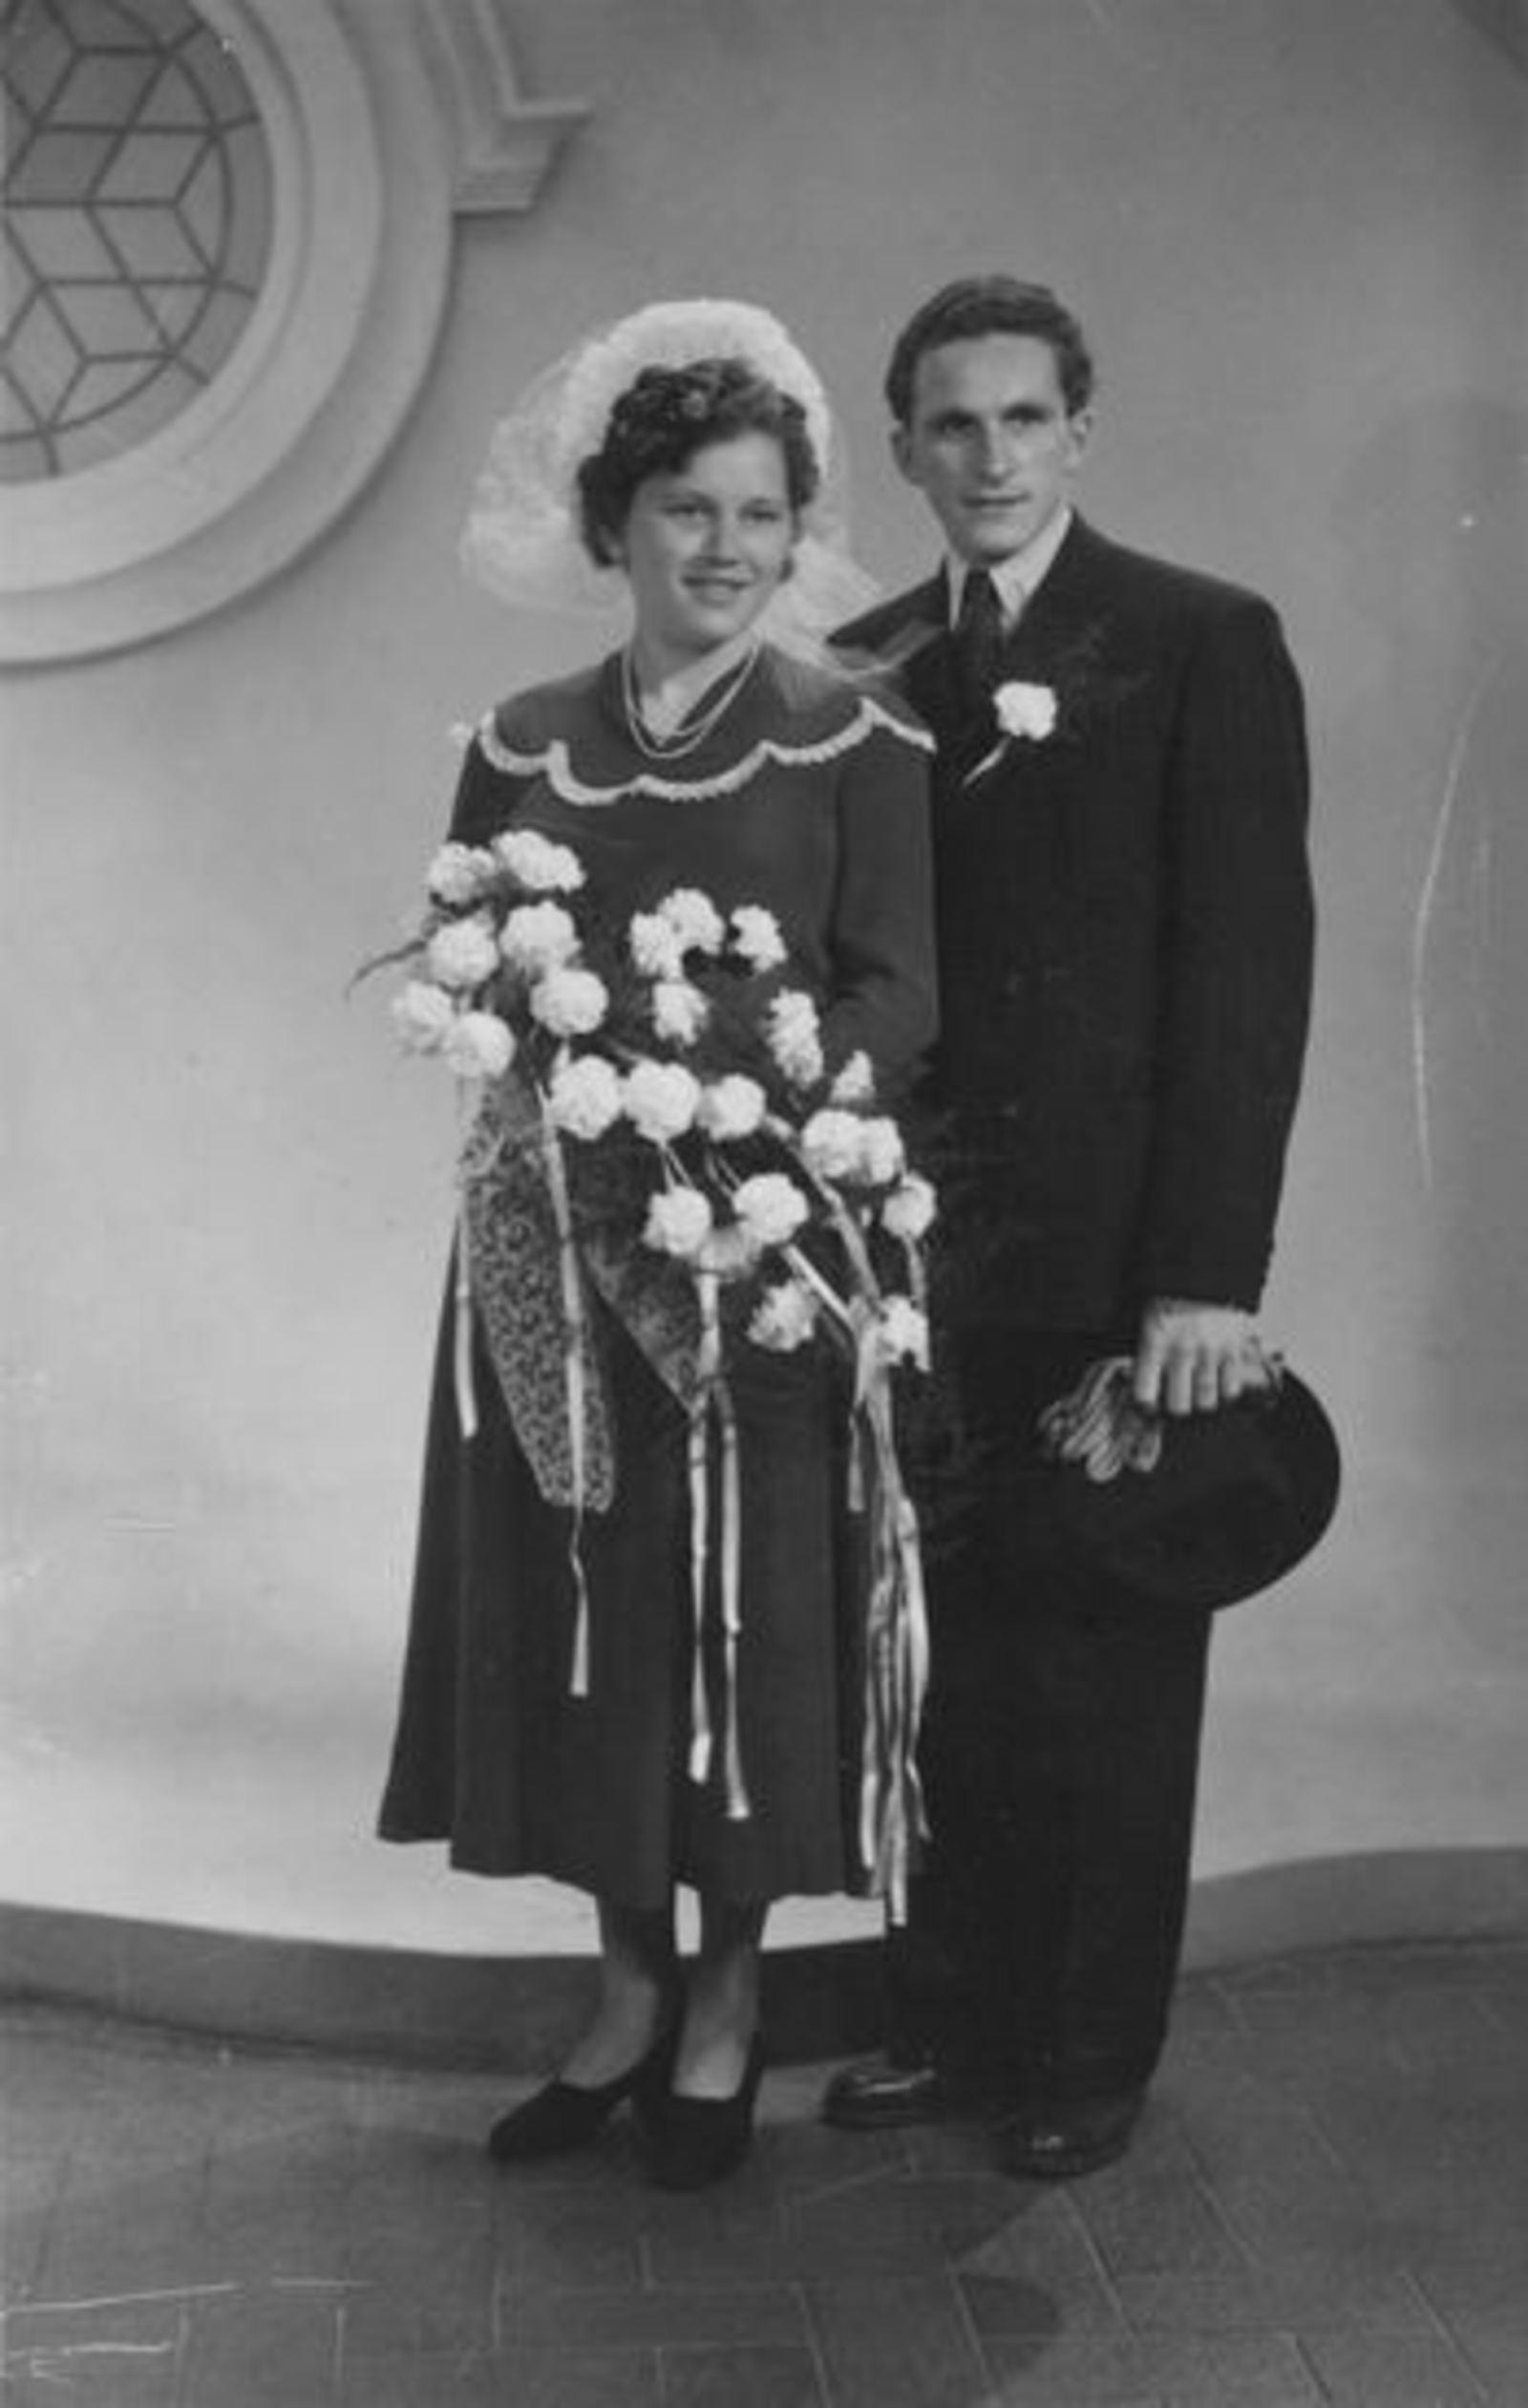 Sluis Alie 1925 1948 trouwt Gert Speelman